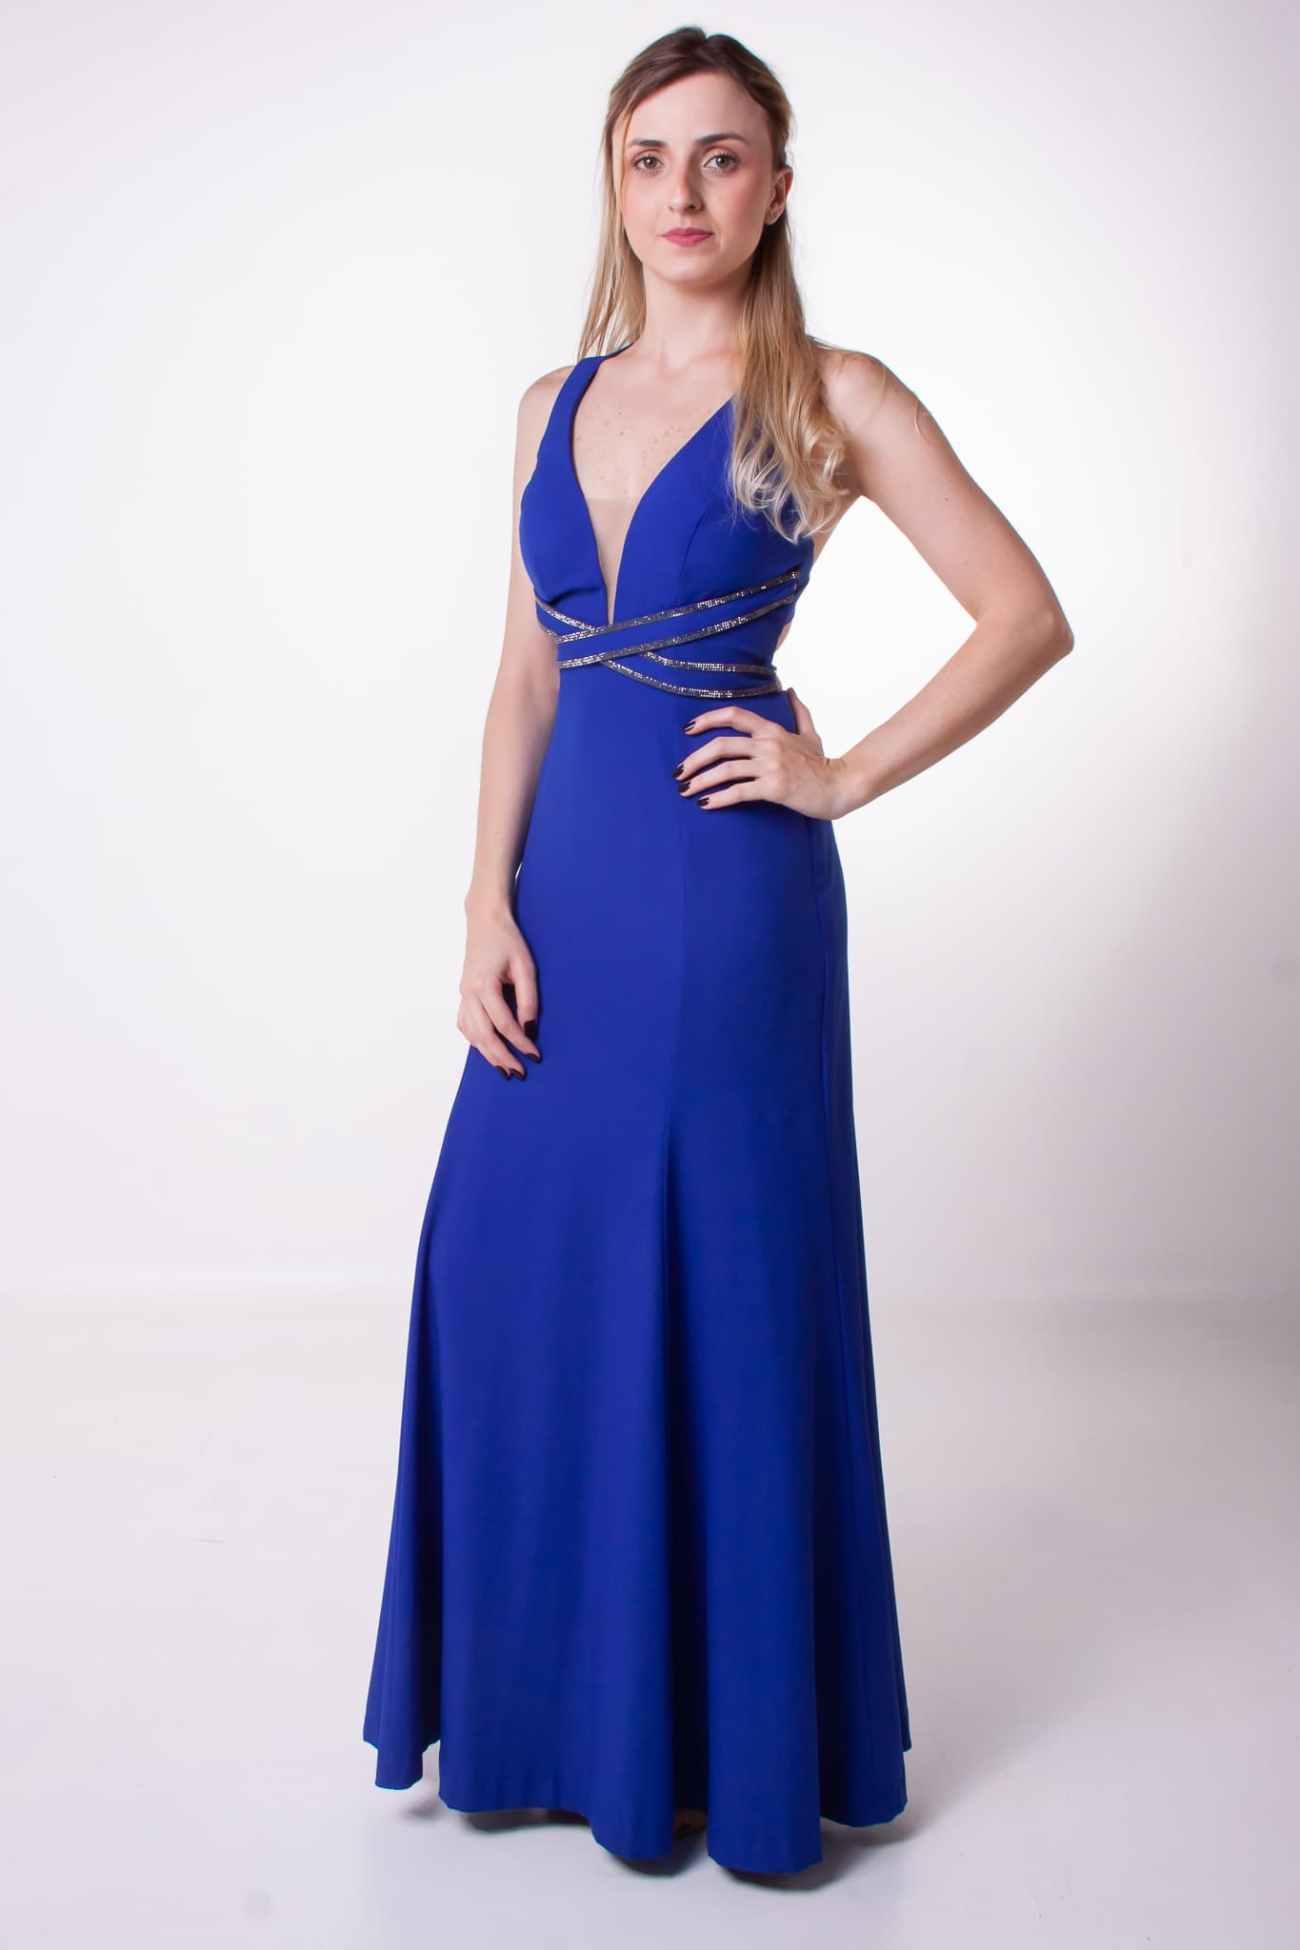 69 - Vestido azul royal com detalhe na cintura e nas costas